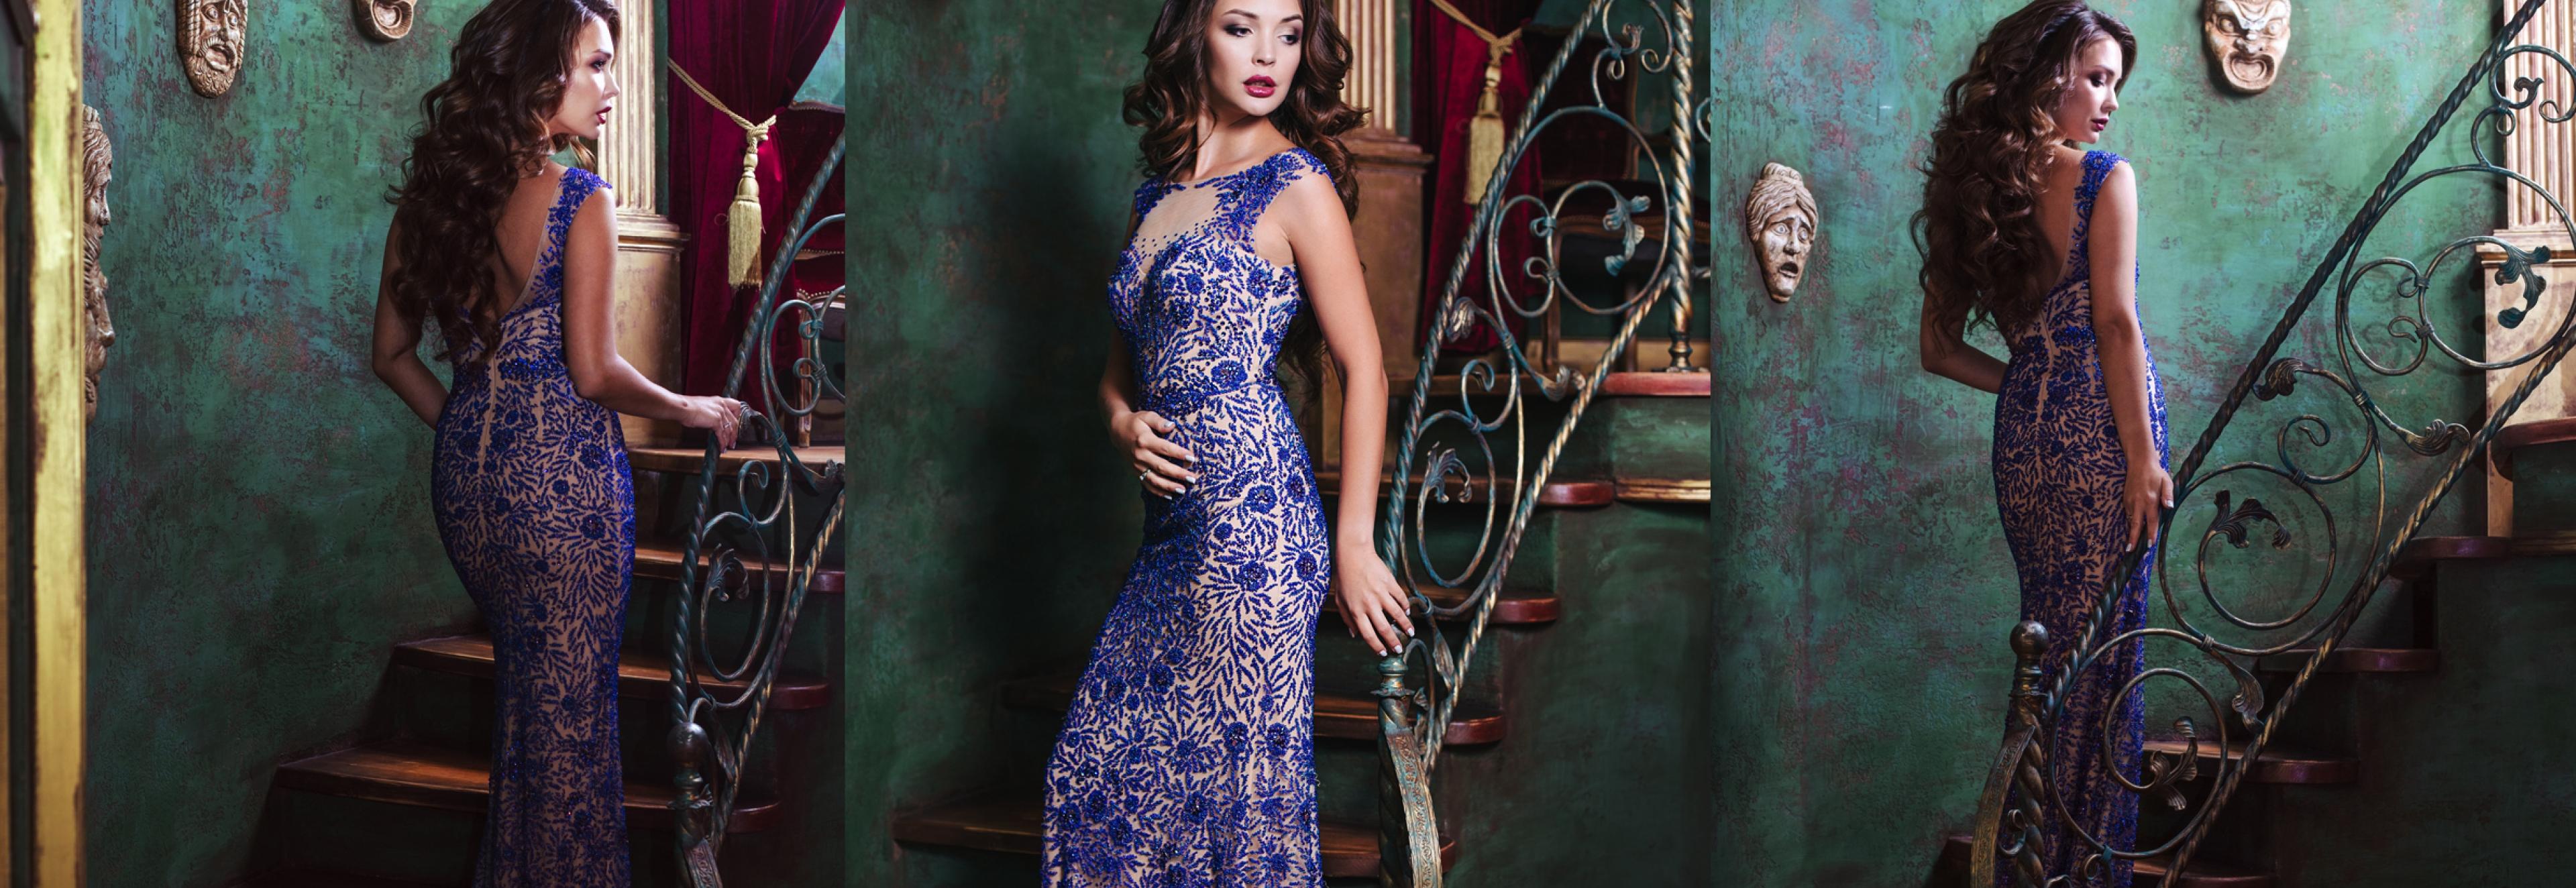 0a7a64ec8b9 Вечерние и свадебные платья напрокат в Минске – Beauty-hall